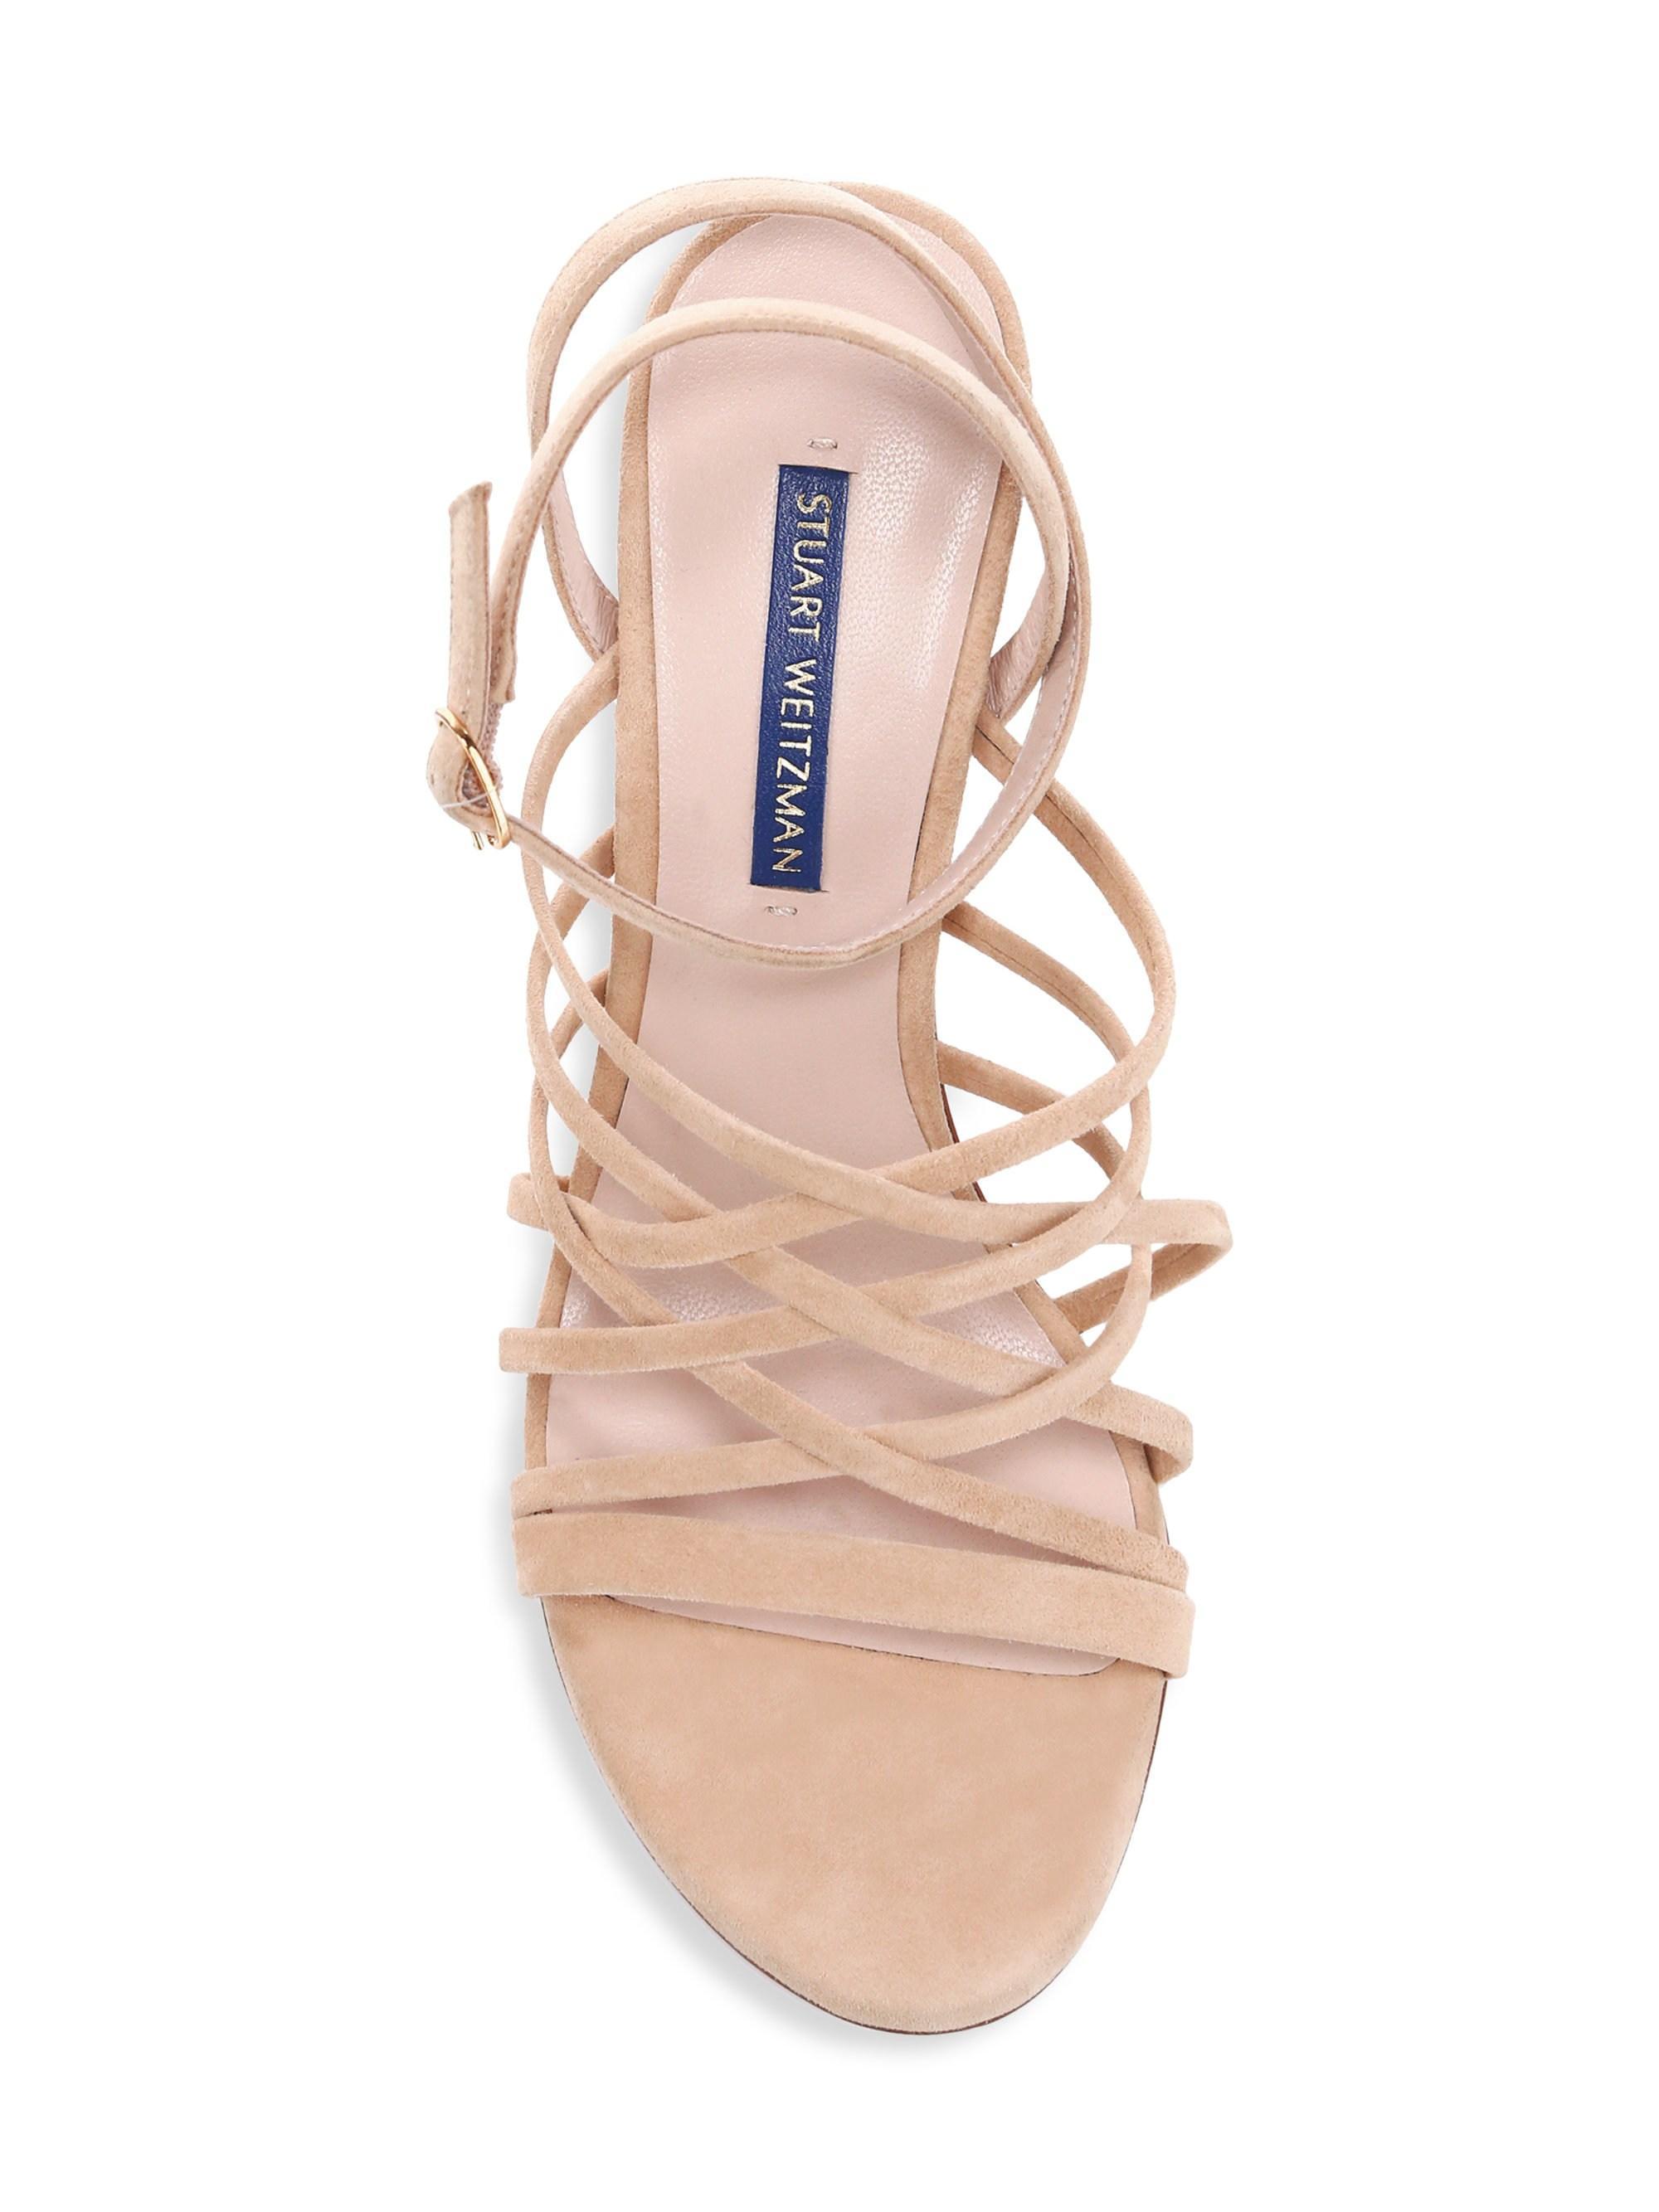 a42330be90fad Stuart Weitzman Multicolor Spotlight Suede Sandals. View fullscreen